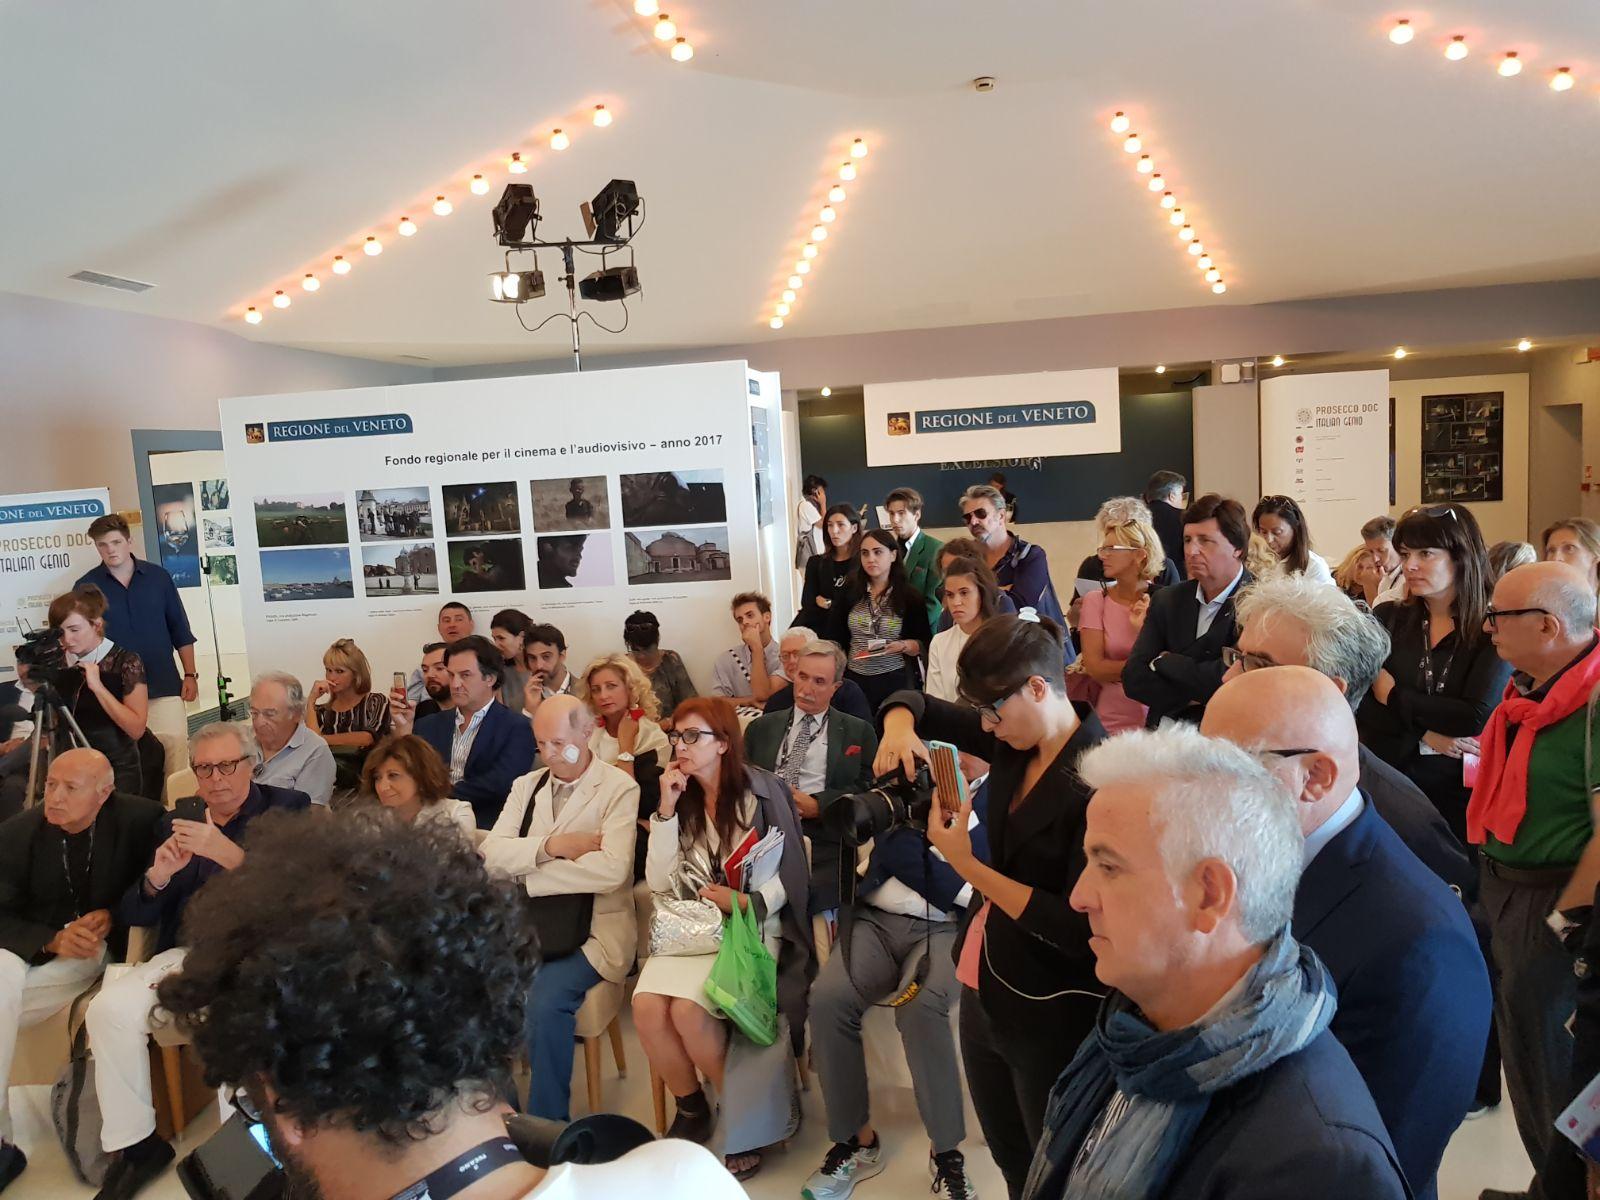 conferenza-stampa-venezia-2017 (5)